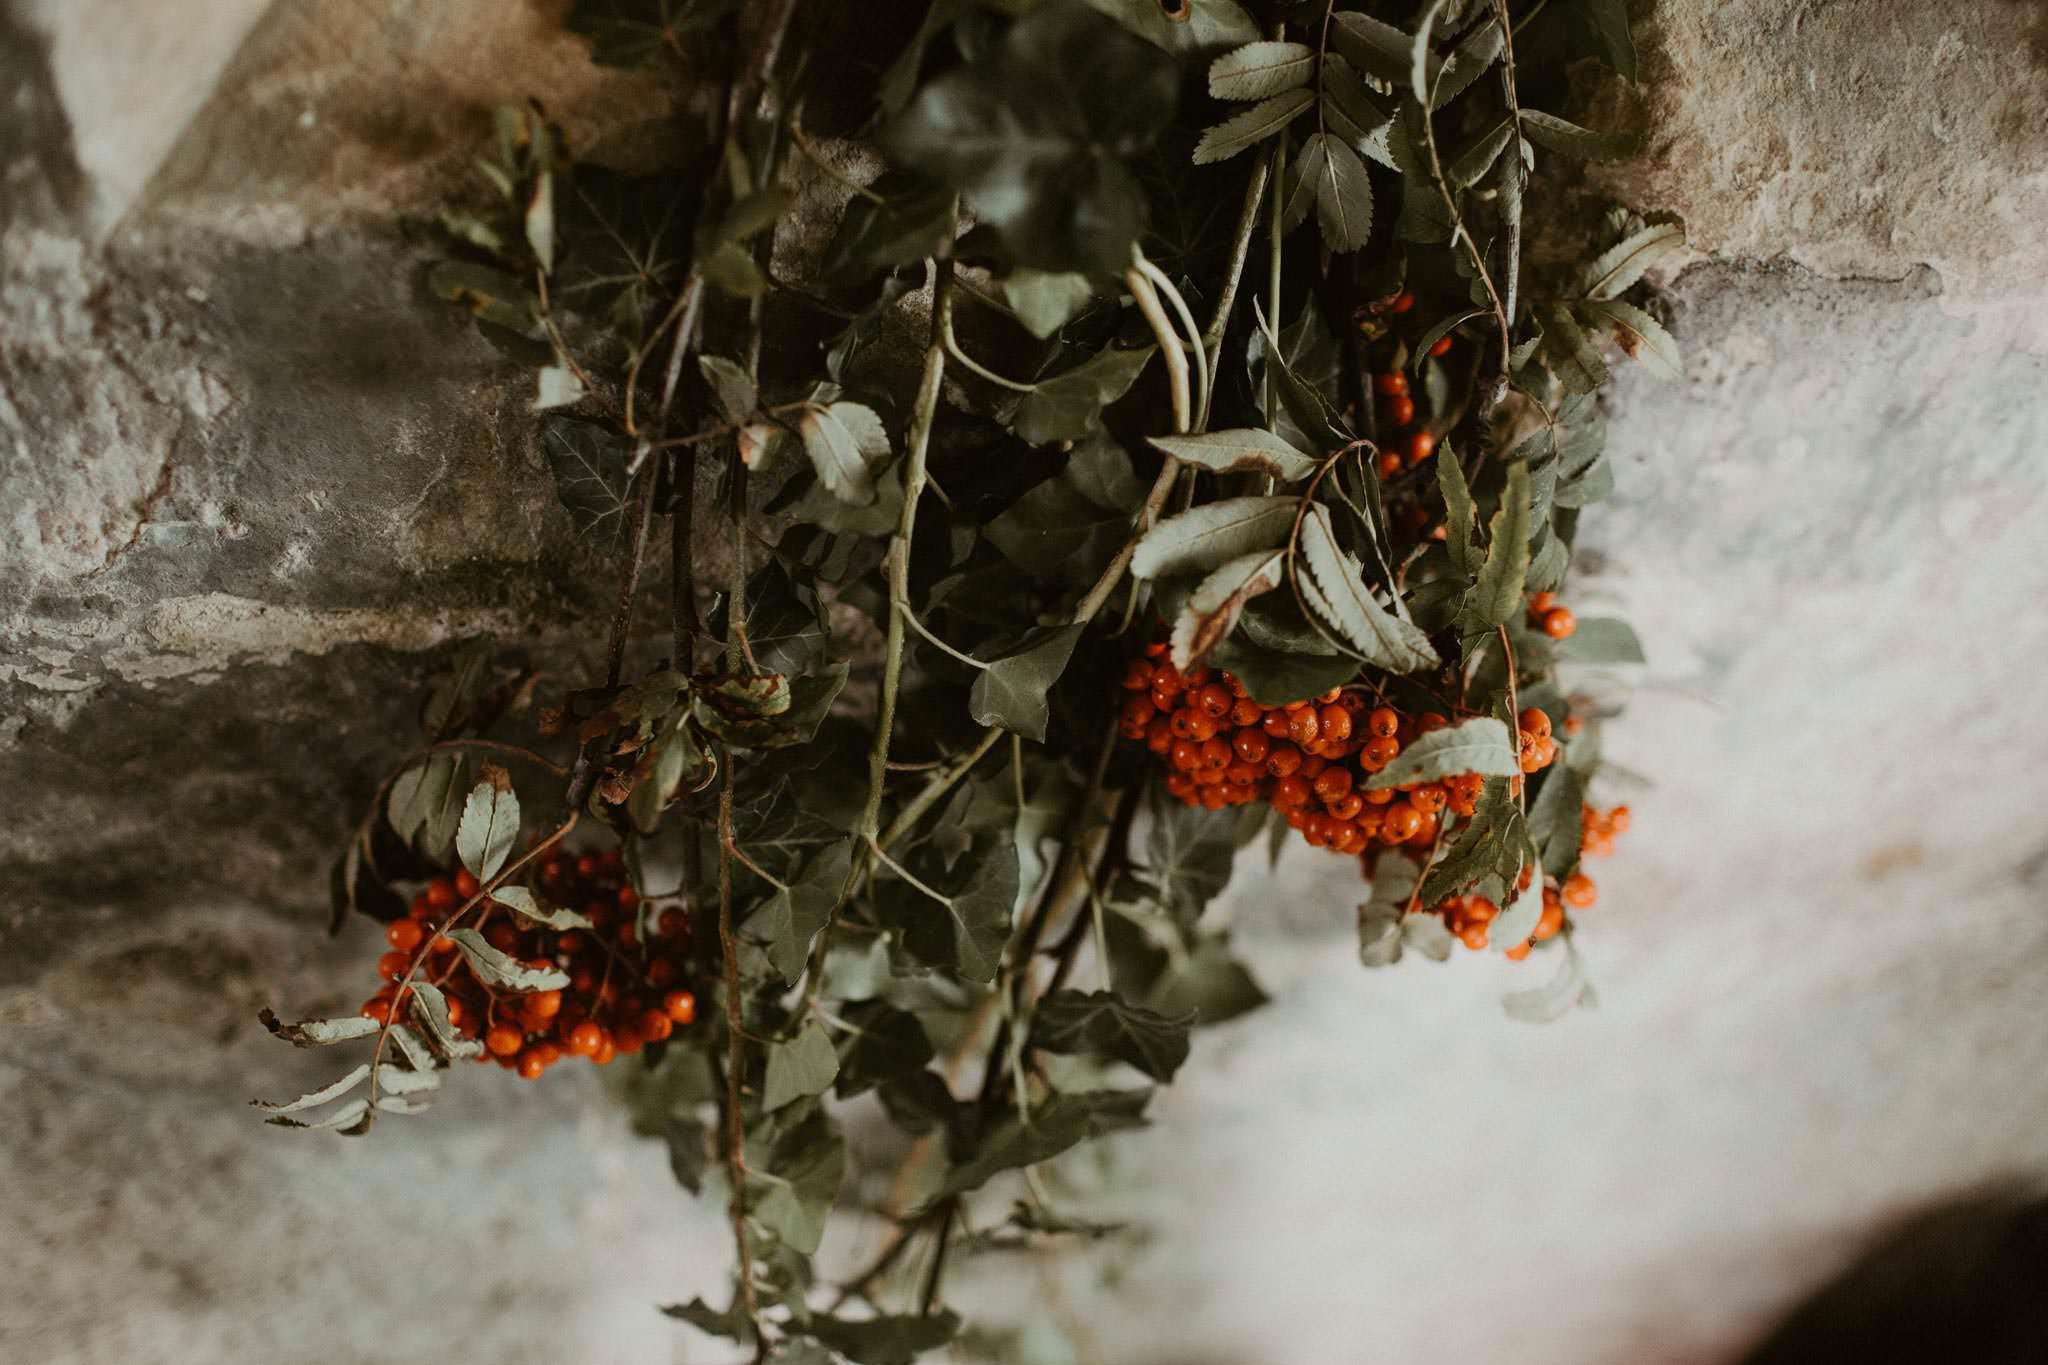 scottish-wedding-photography-033